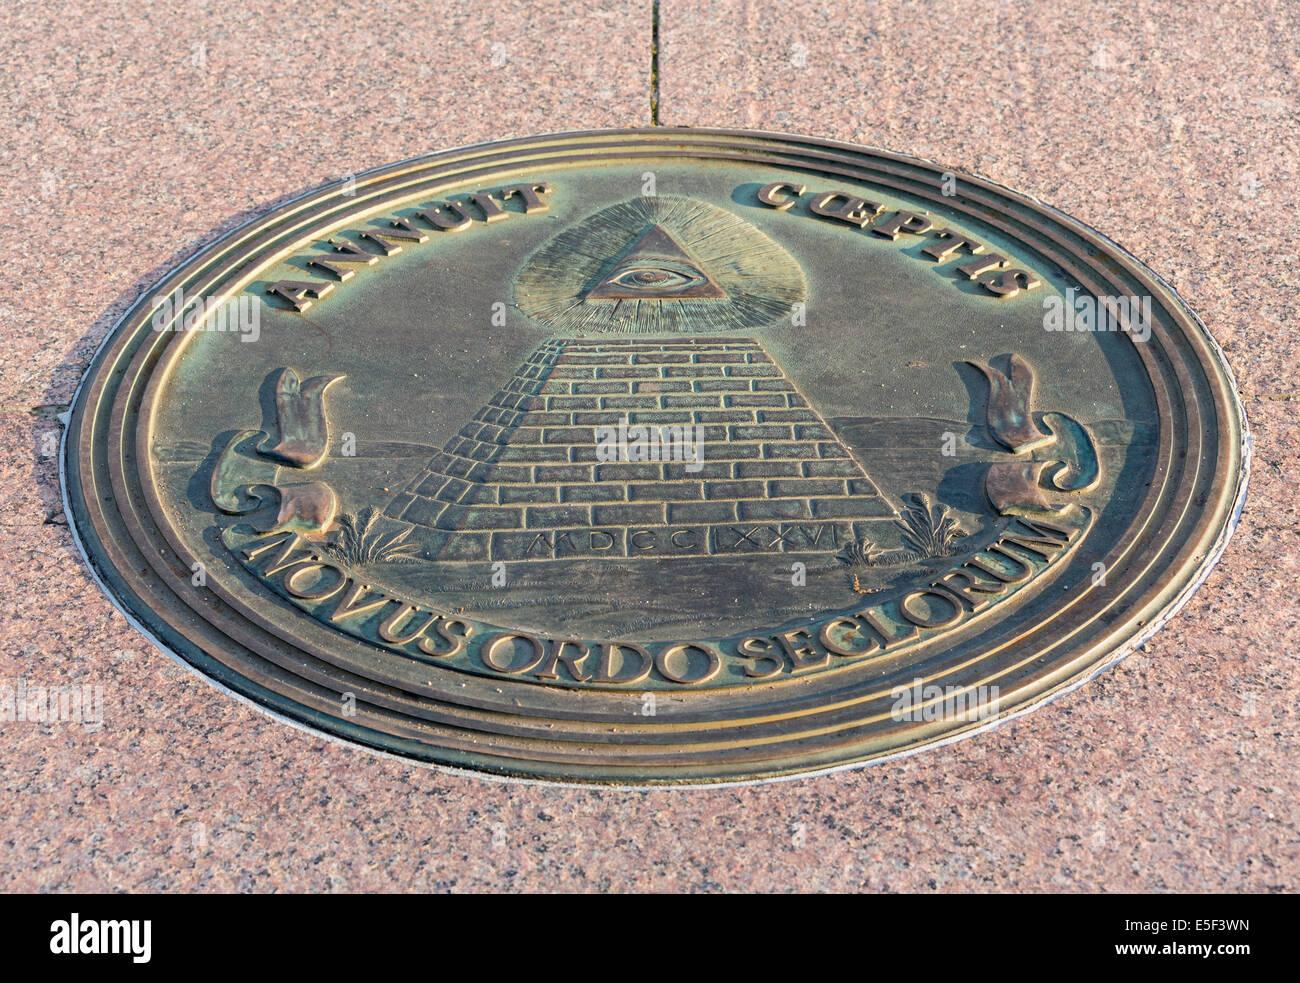 Masonic Symbol Set Into The Sidewalk At Freedom Plaza On